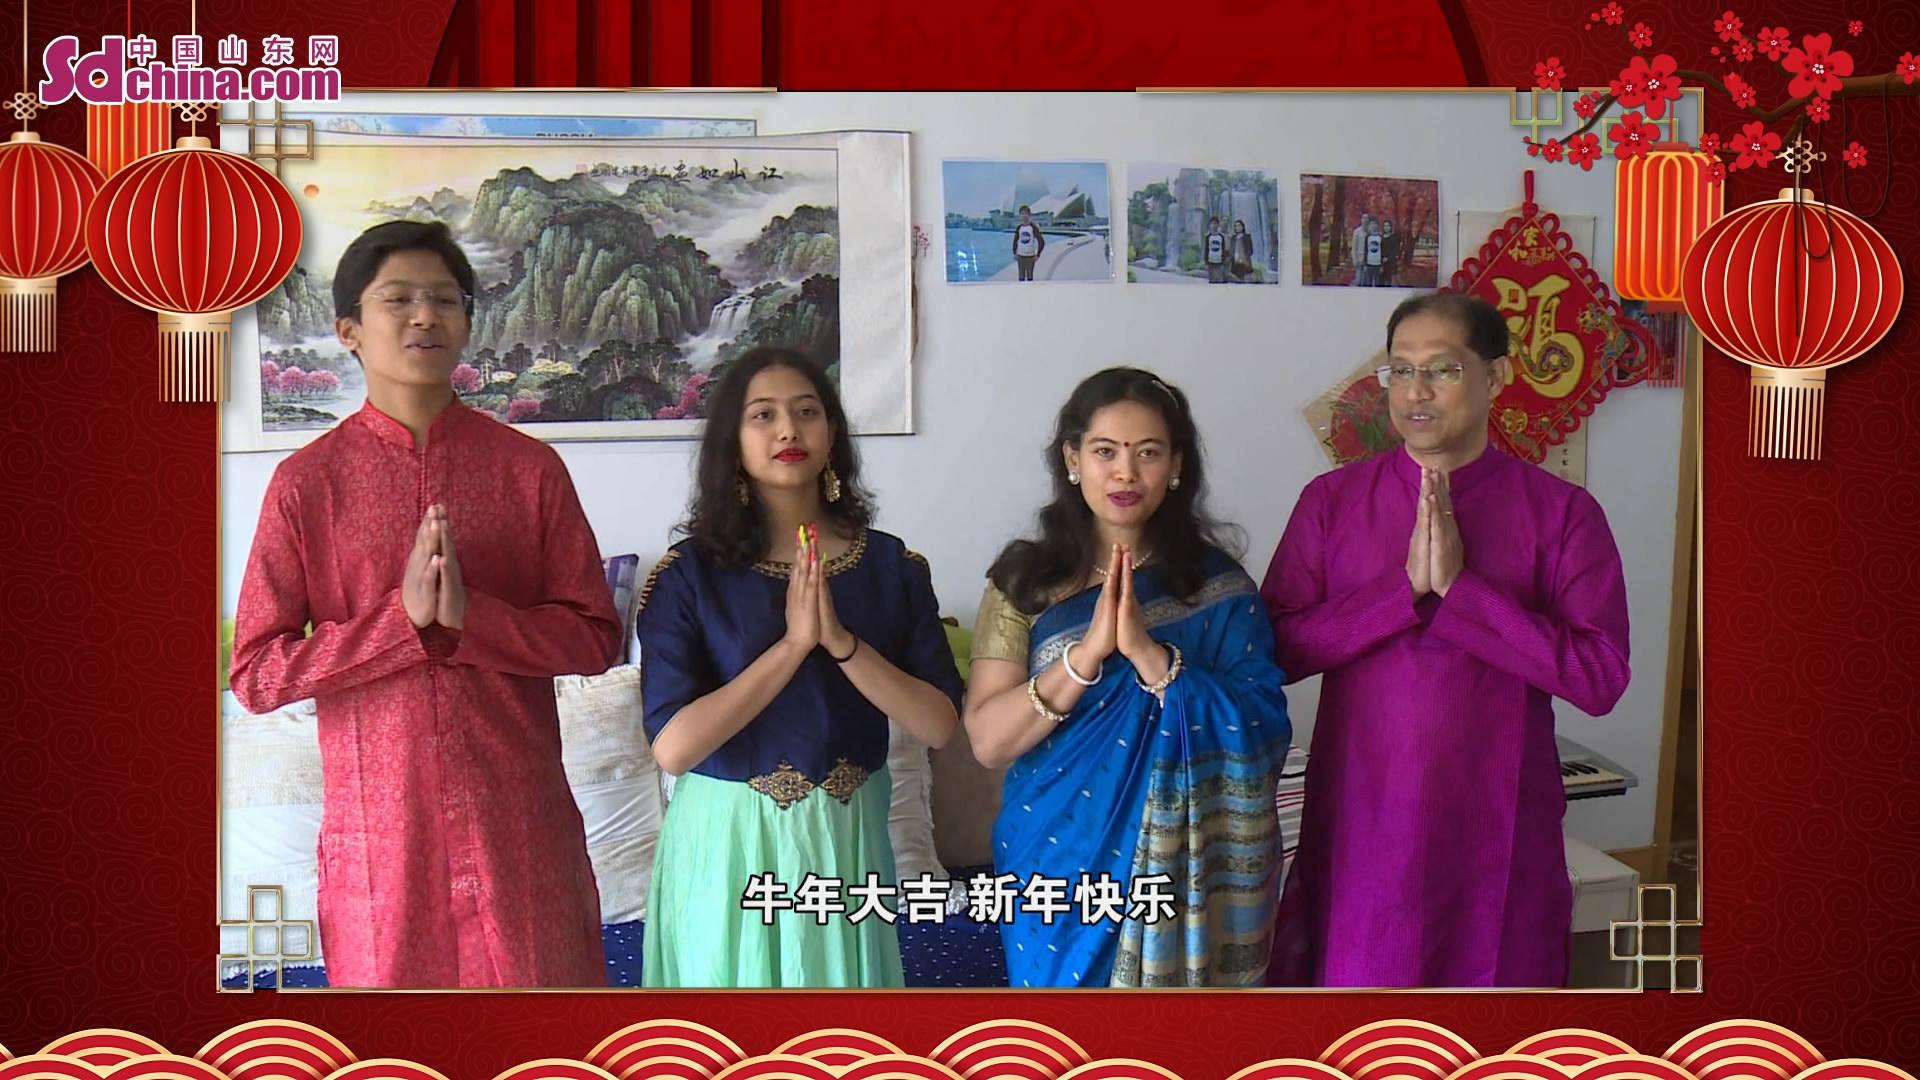 孟加拉国家庭:在威海生活近20年,热爱中国文化